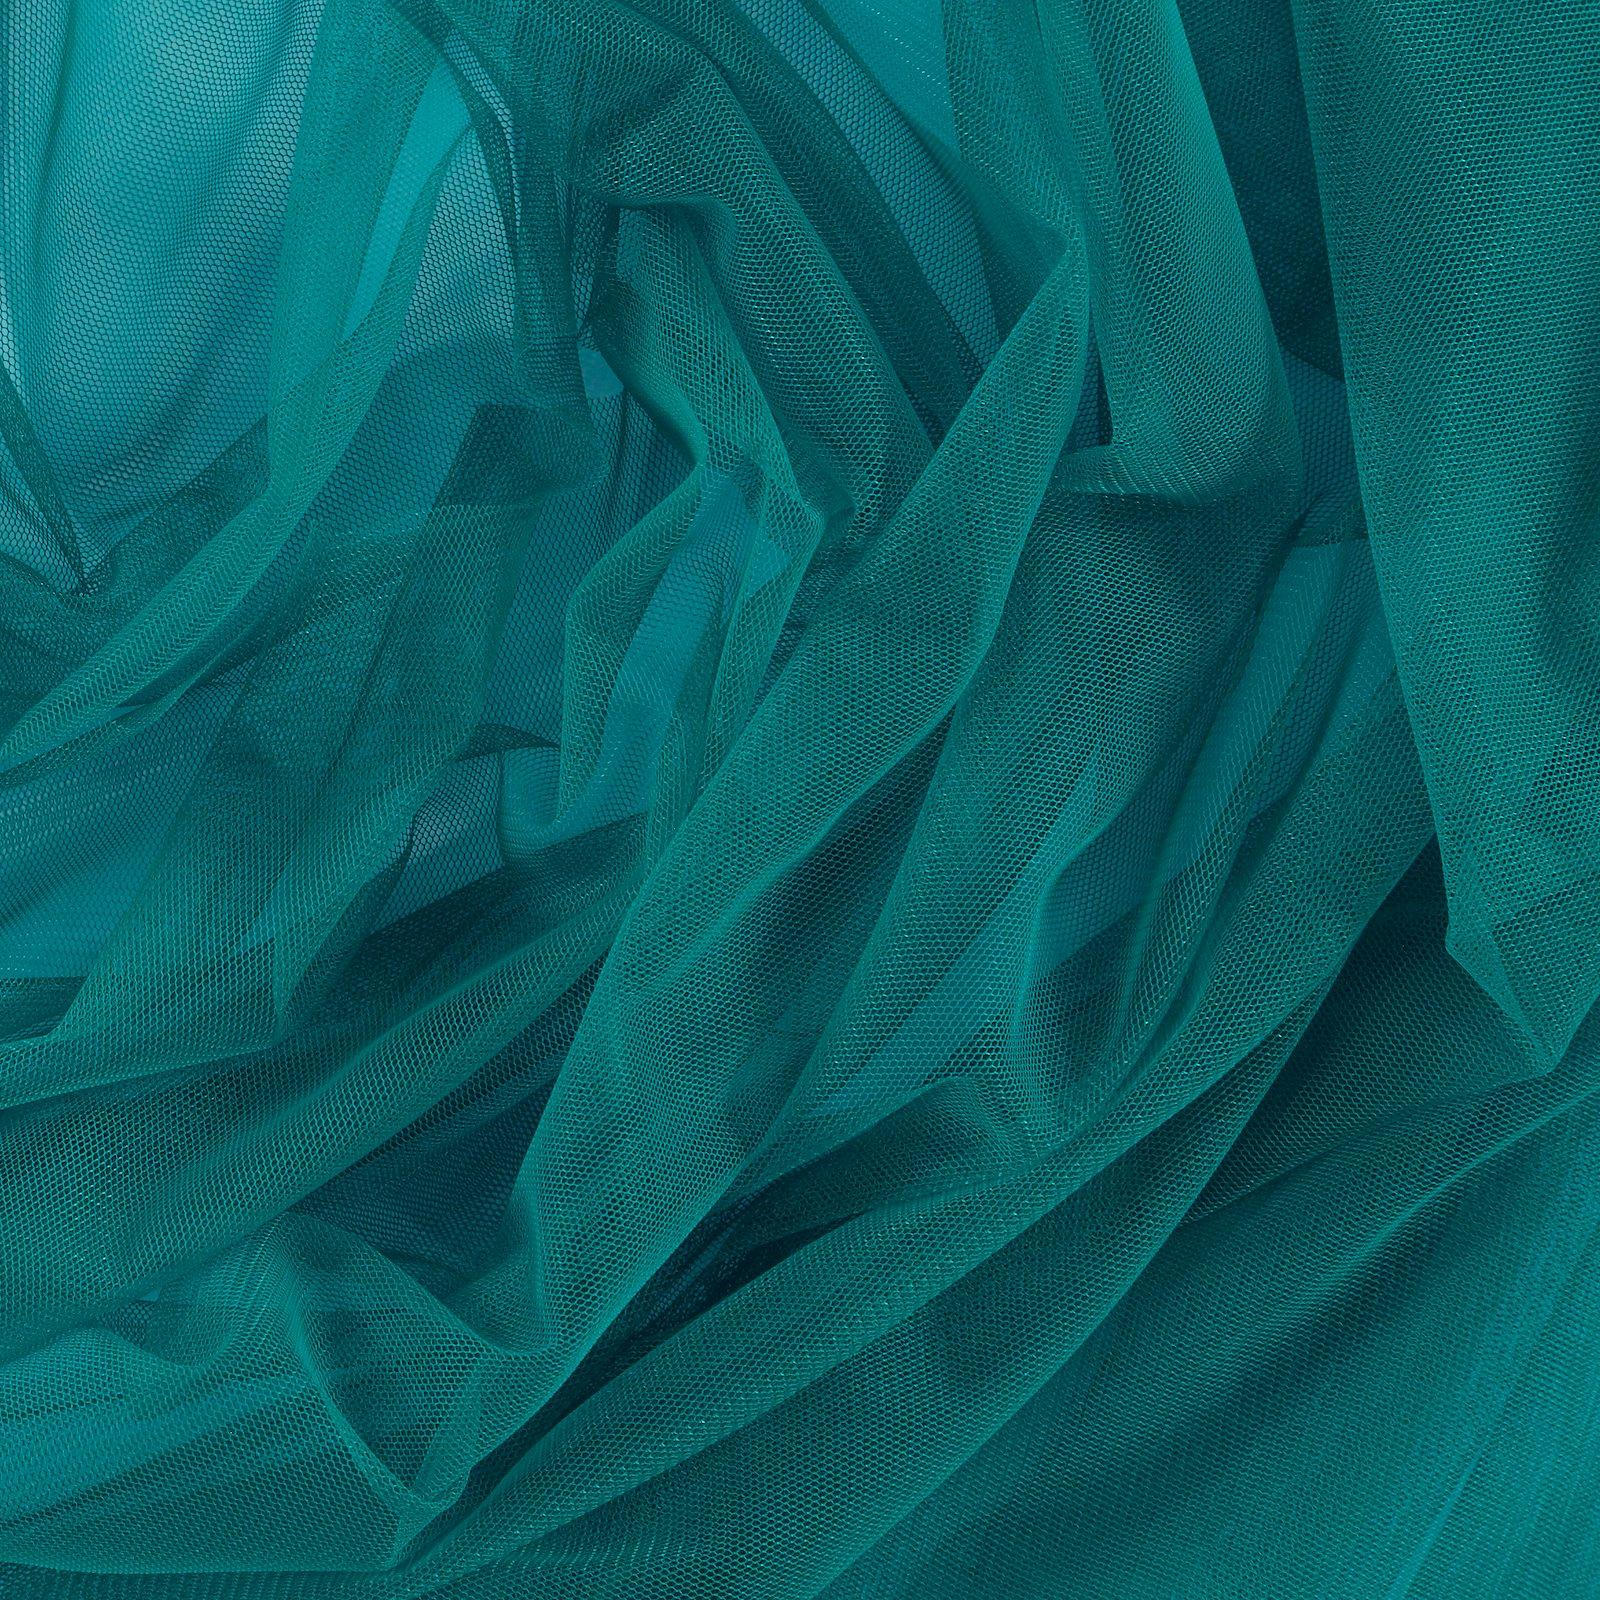 Weich Tüll Jade